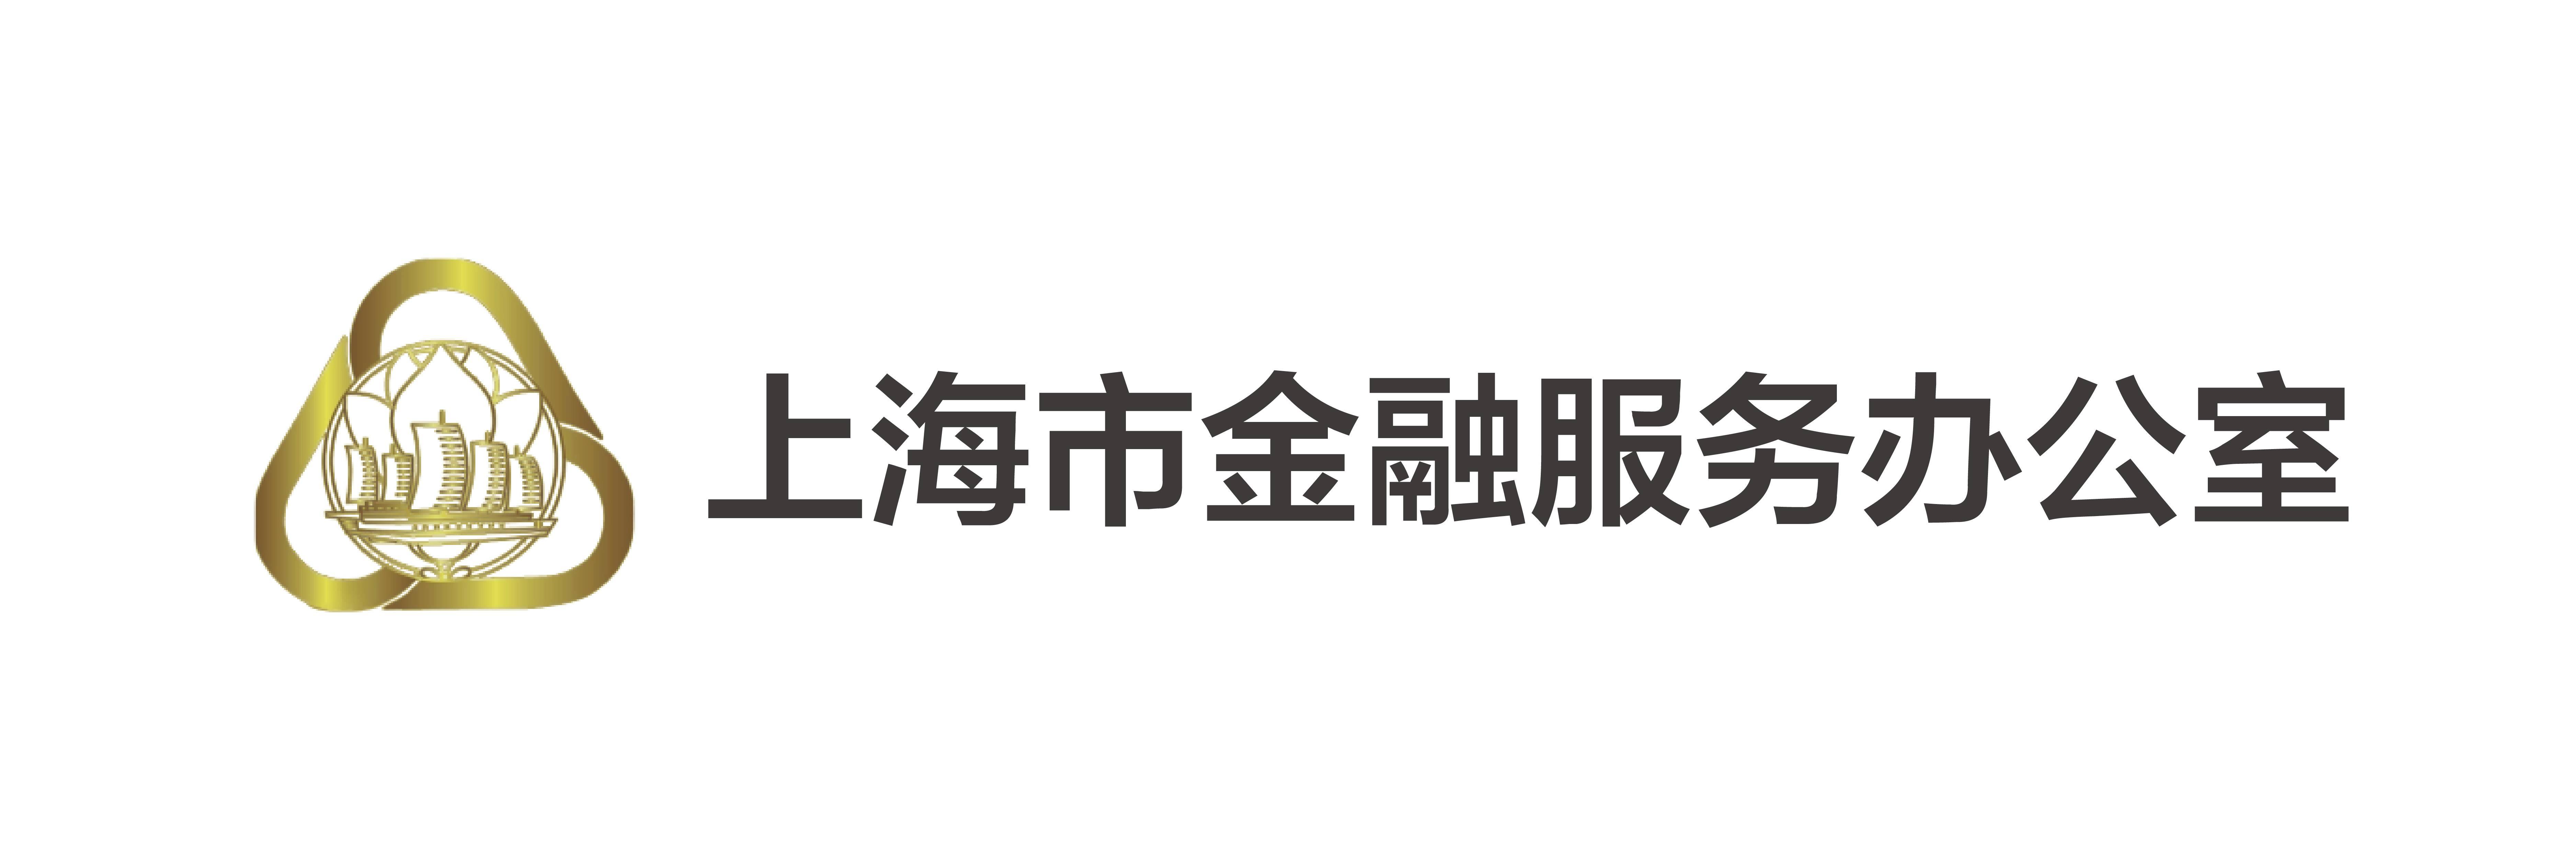 上海市金融服务办公室